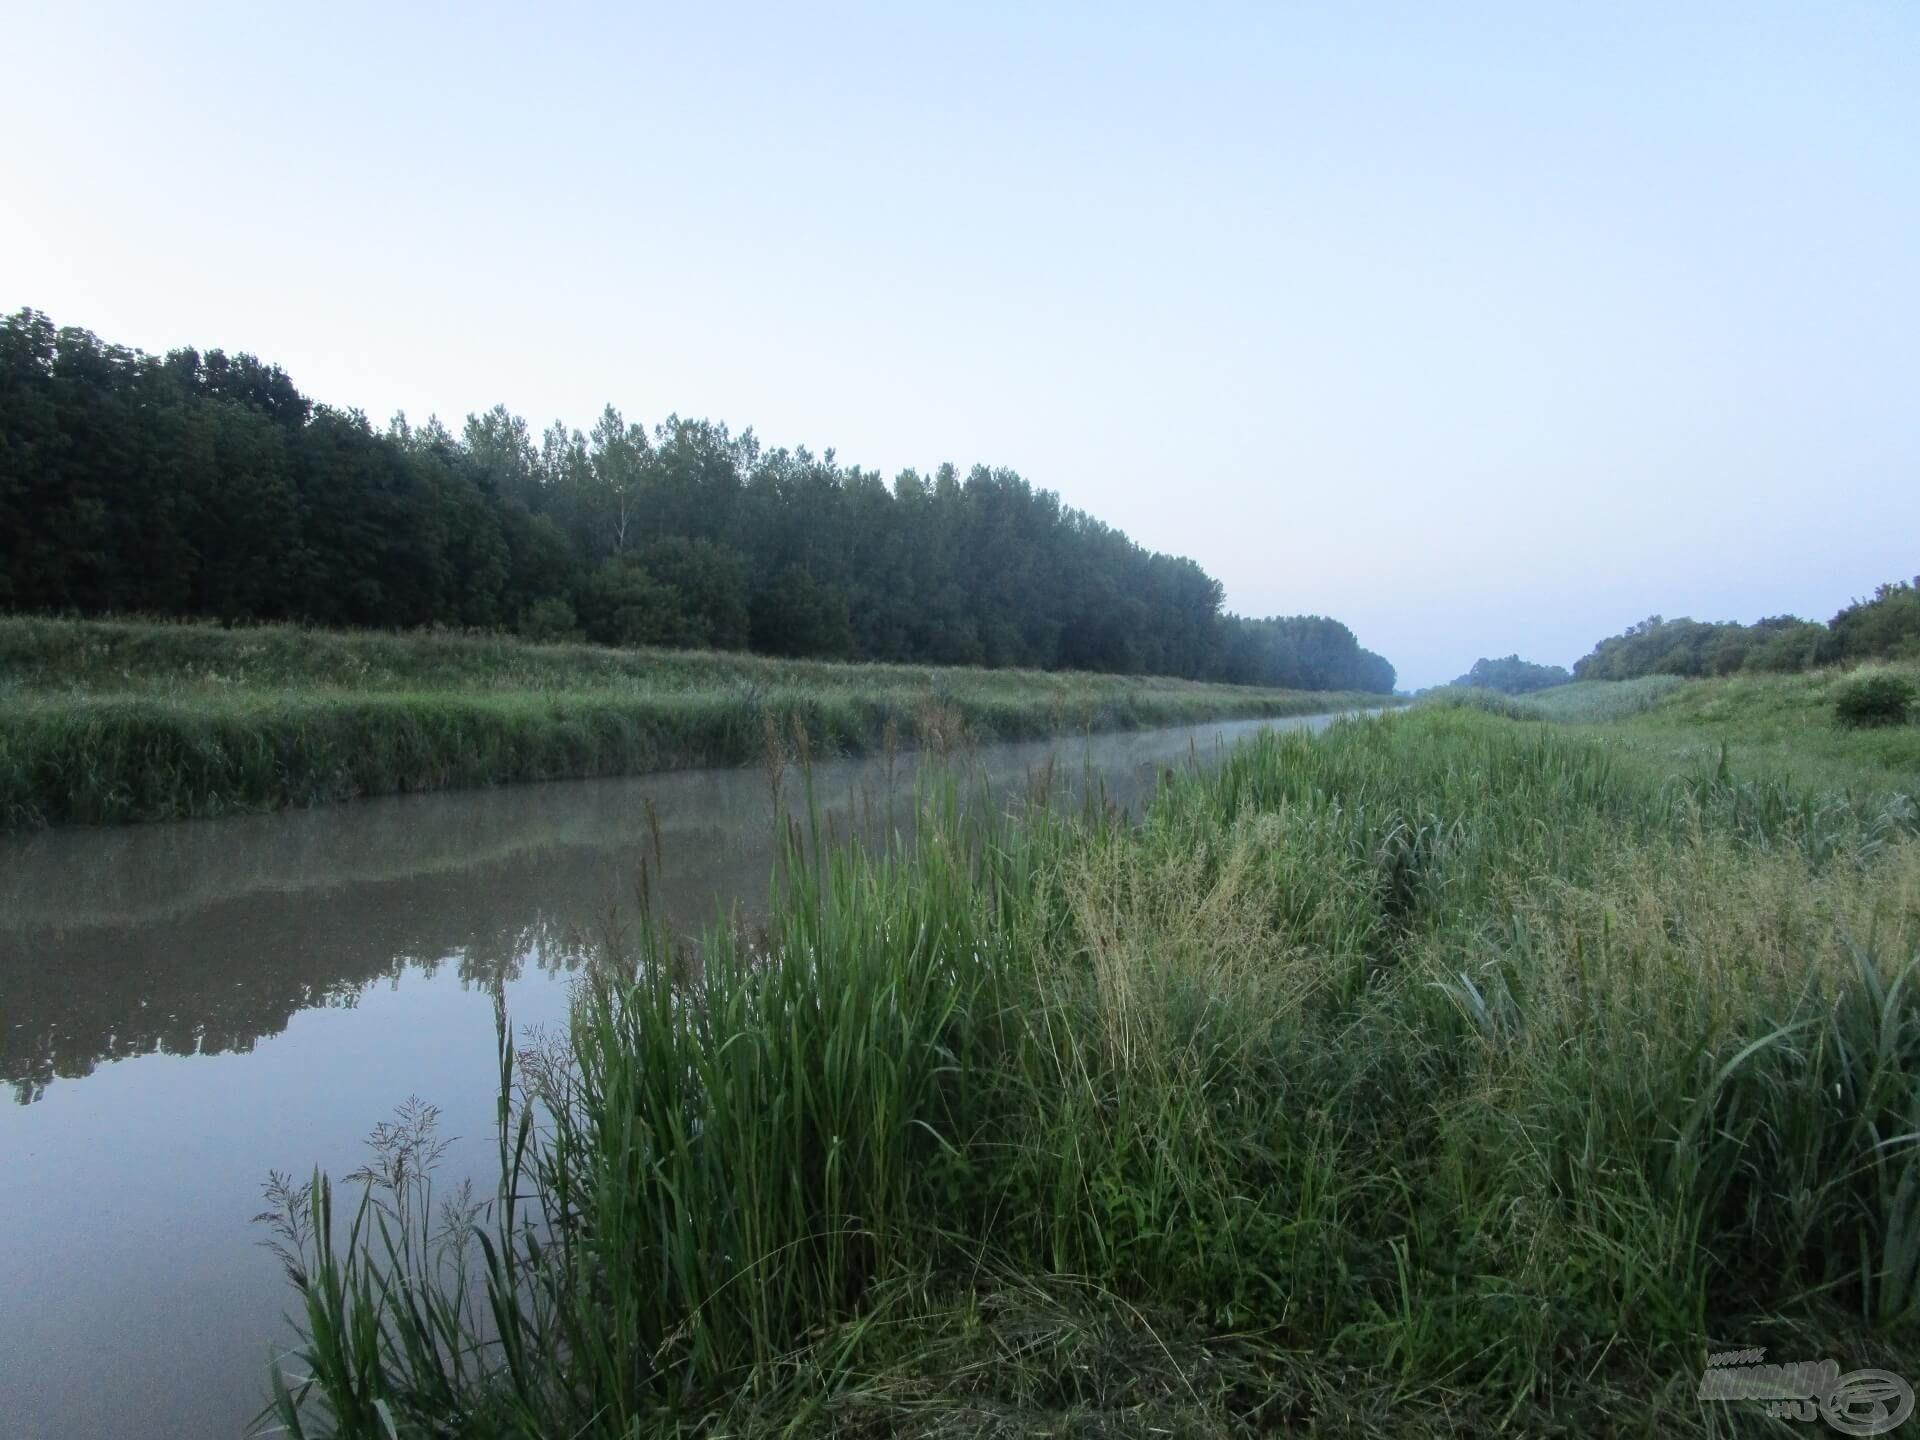 Sokadik képem ez már a reggeli Zala folyóról, de amikor megérkezem, mindig egy fotóval kezdek